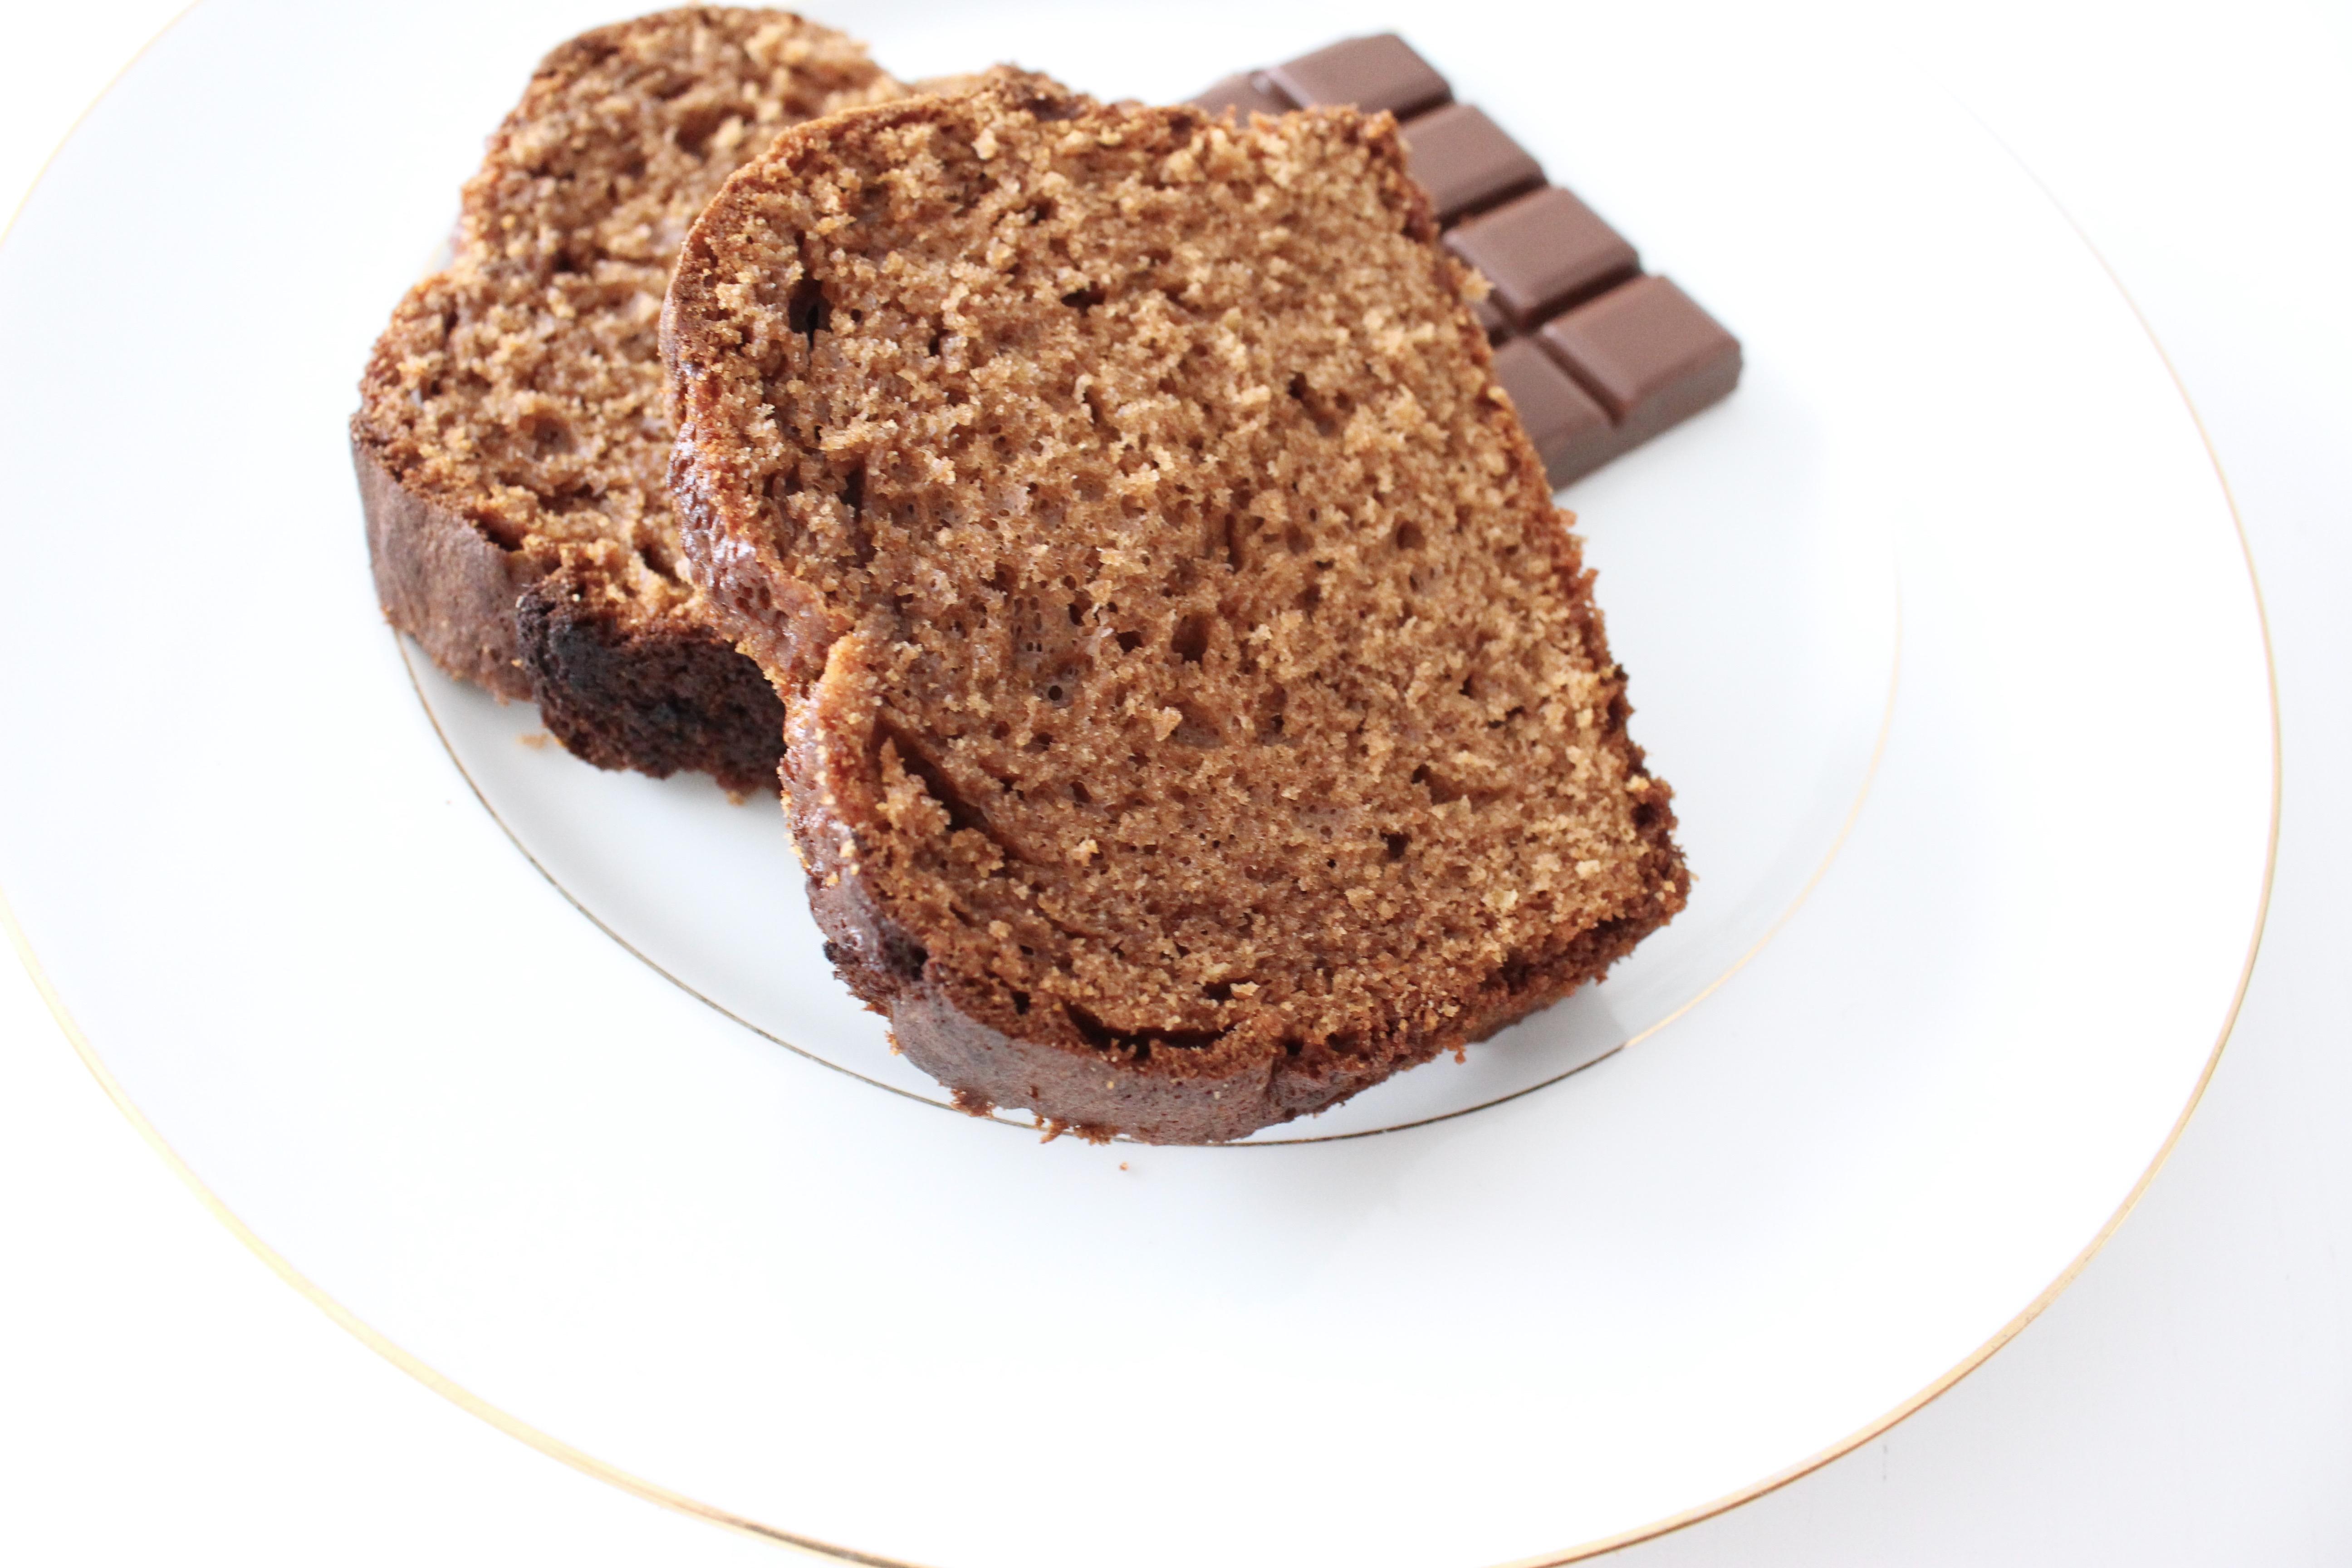 quatre quarts chocolat